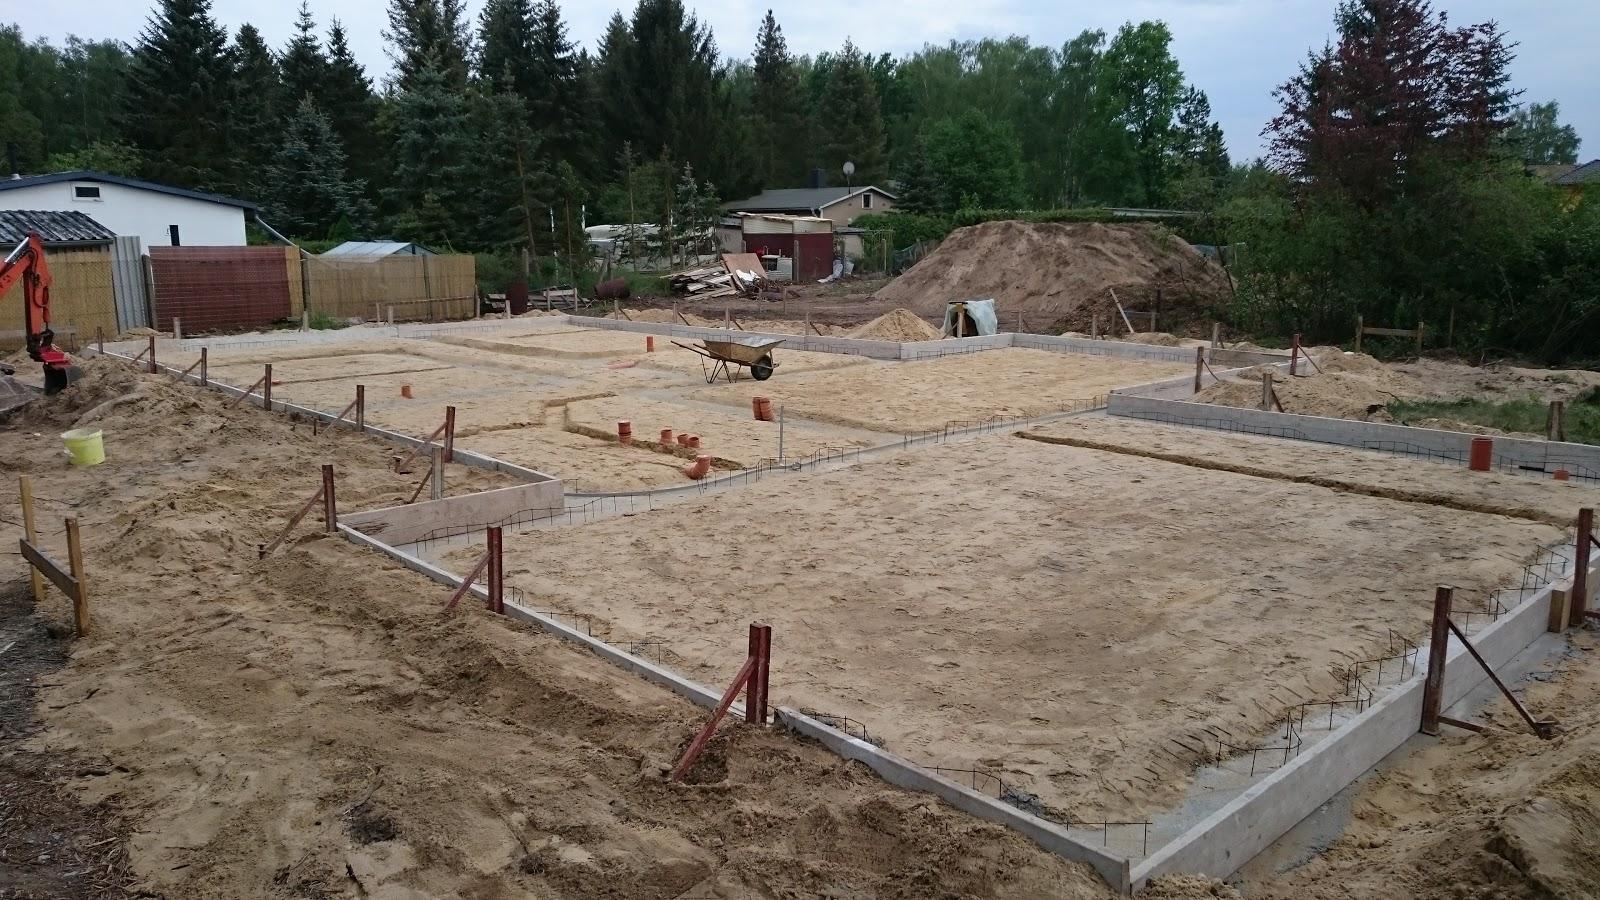 Bautagebuch der Familie Hocke: Tag 6: Vorbereitungen Bodenplatte